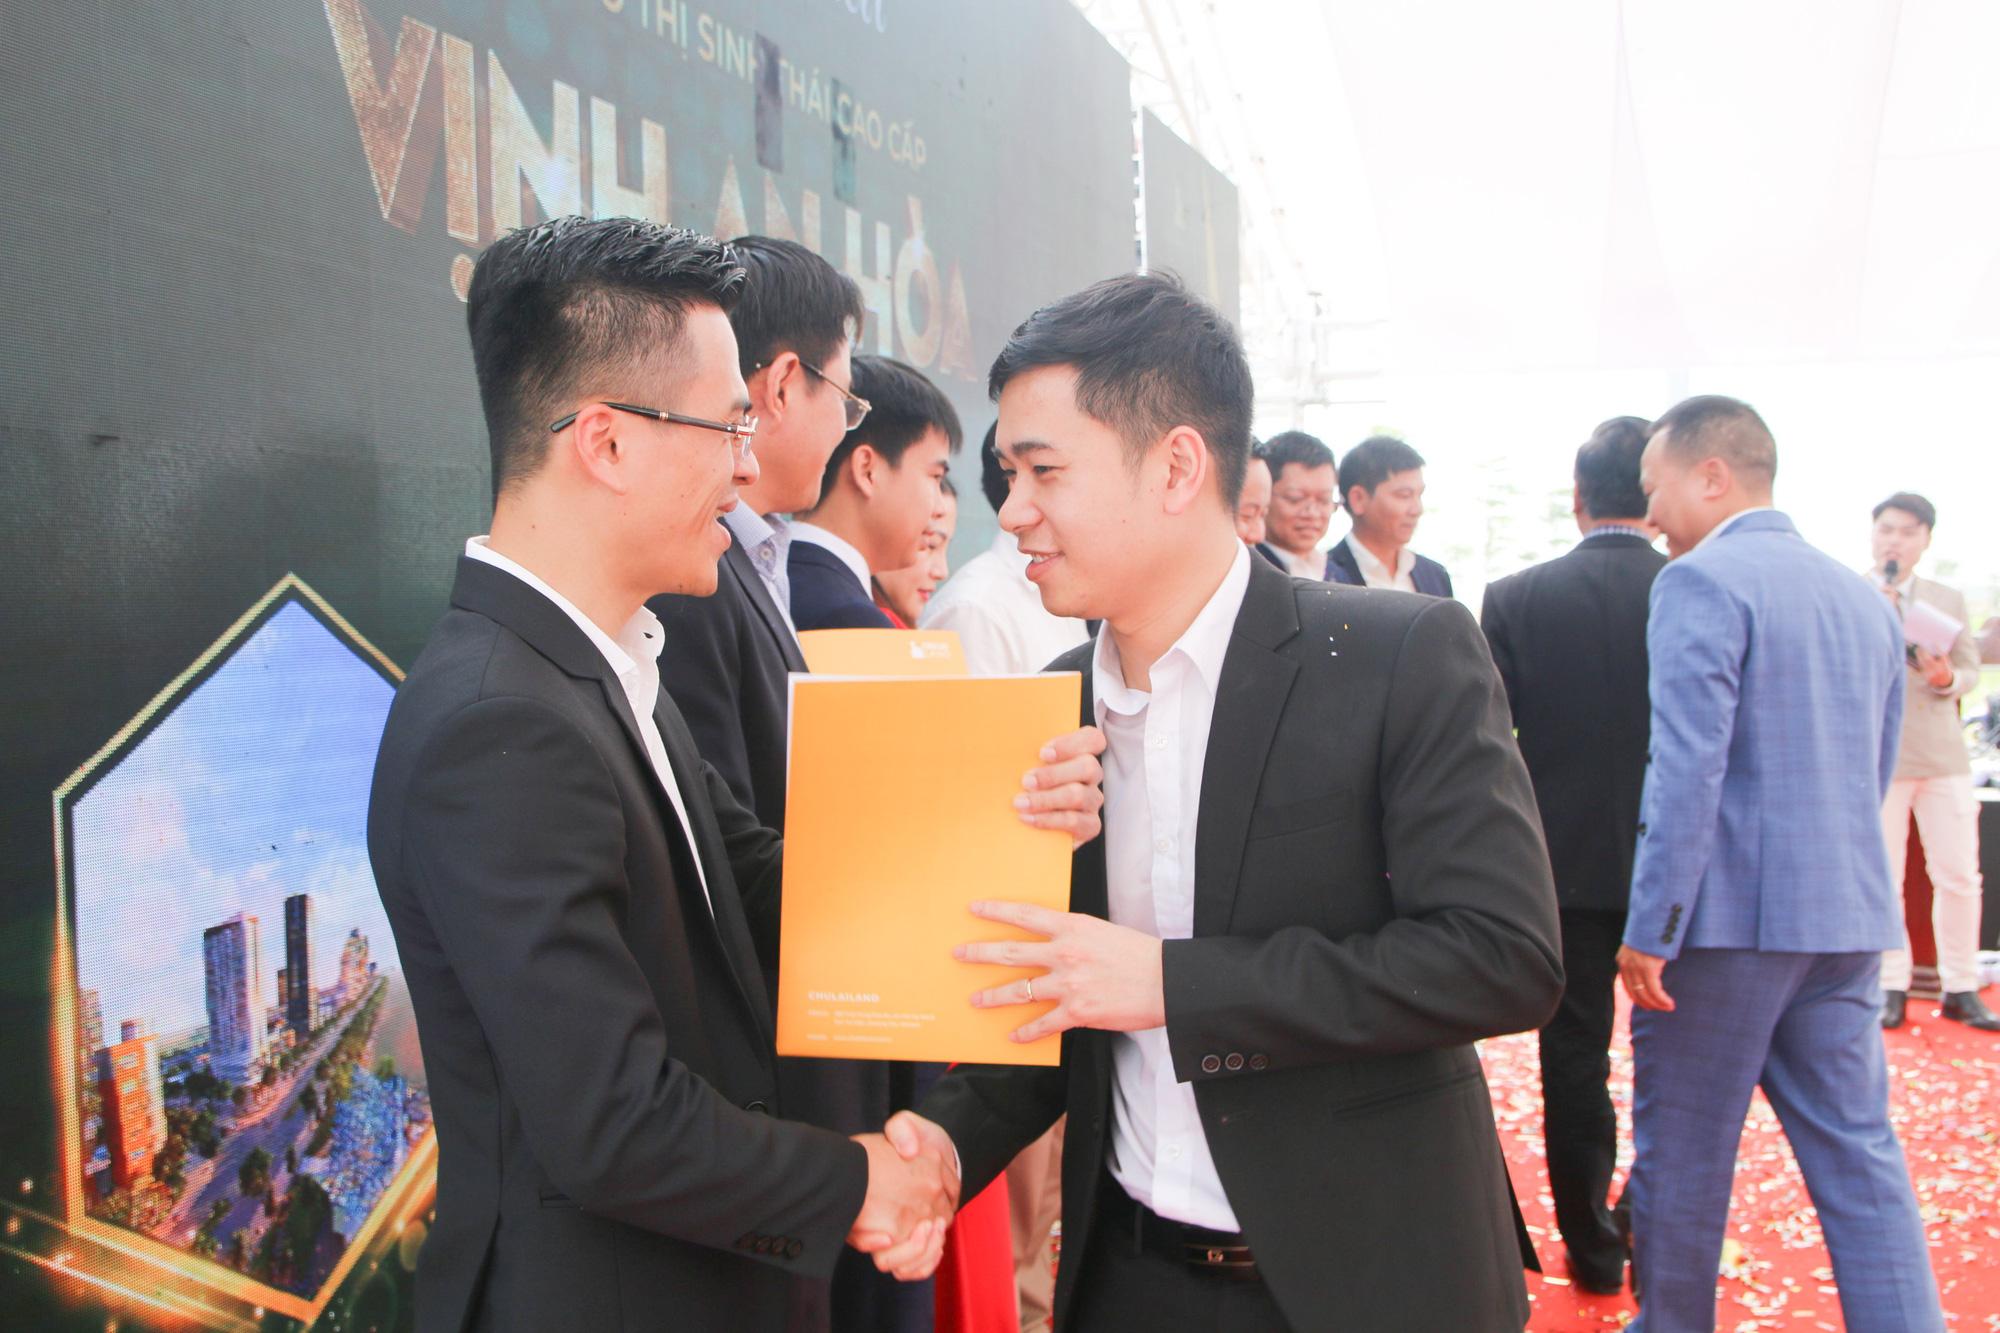 Tập đoàn FVG chính thức ra mắt nhà đầu tư dự án Vịnh An Hòa - Ảnh 4.